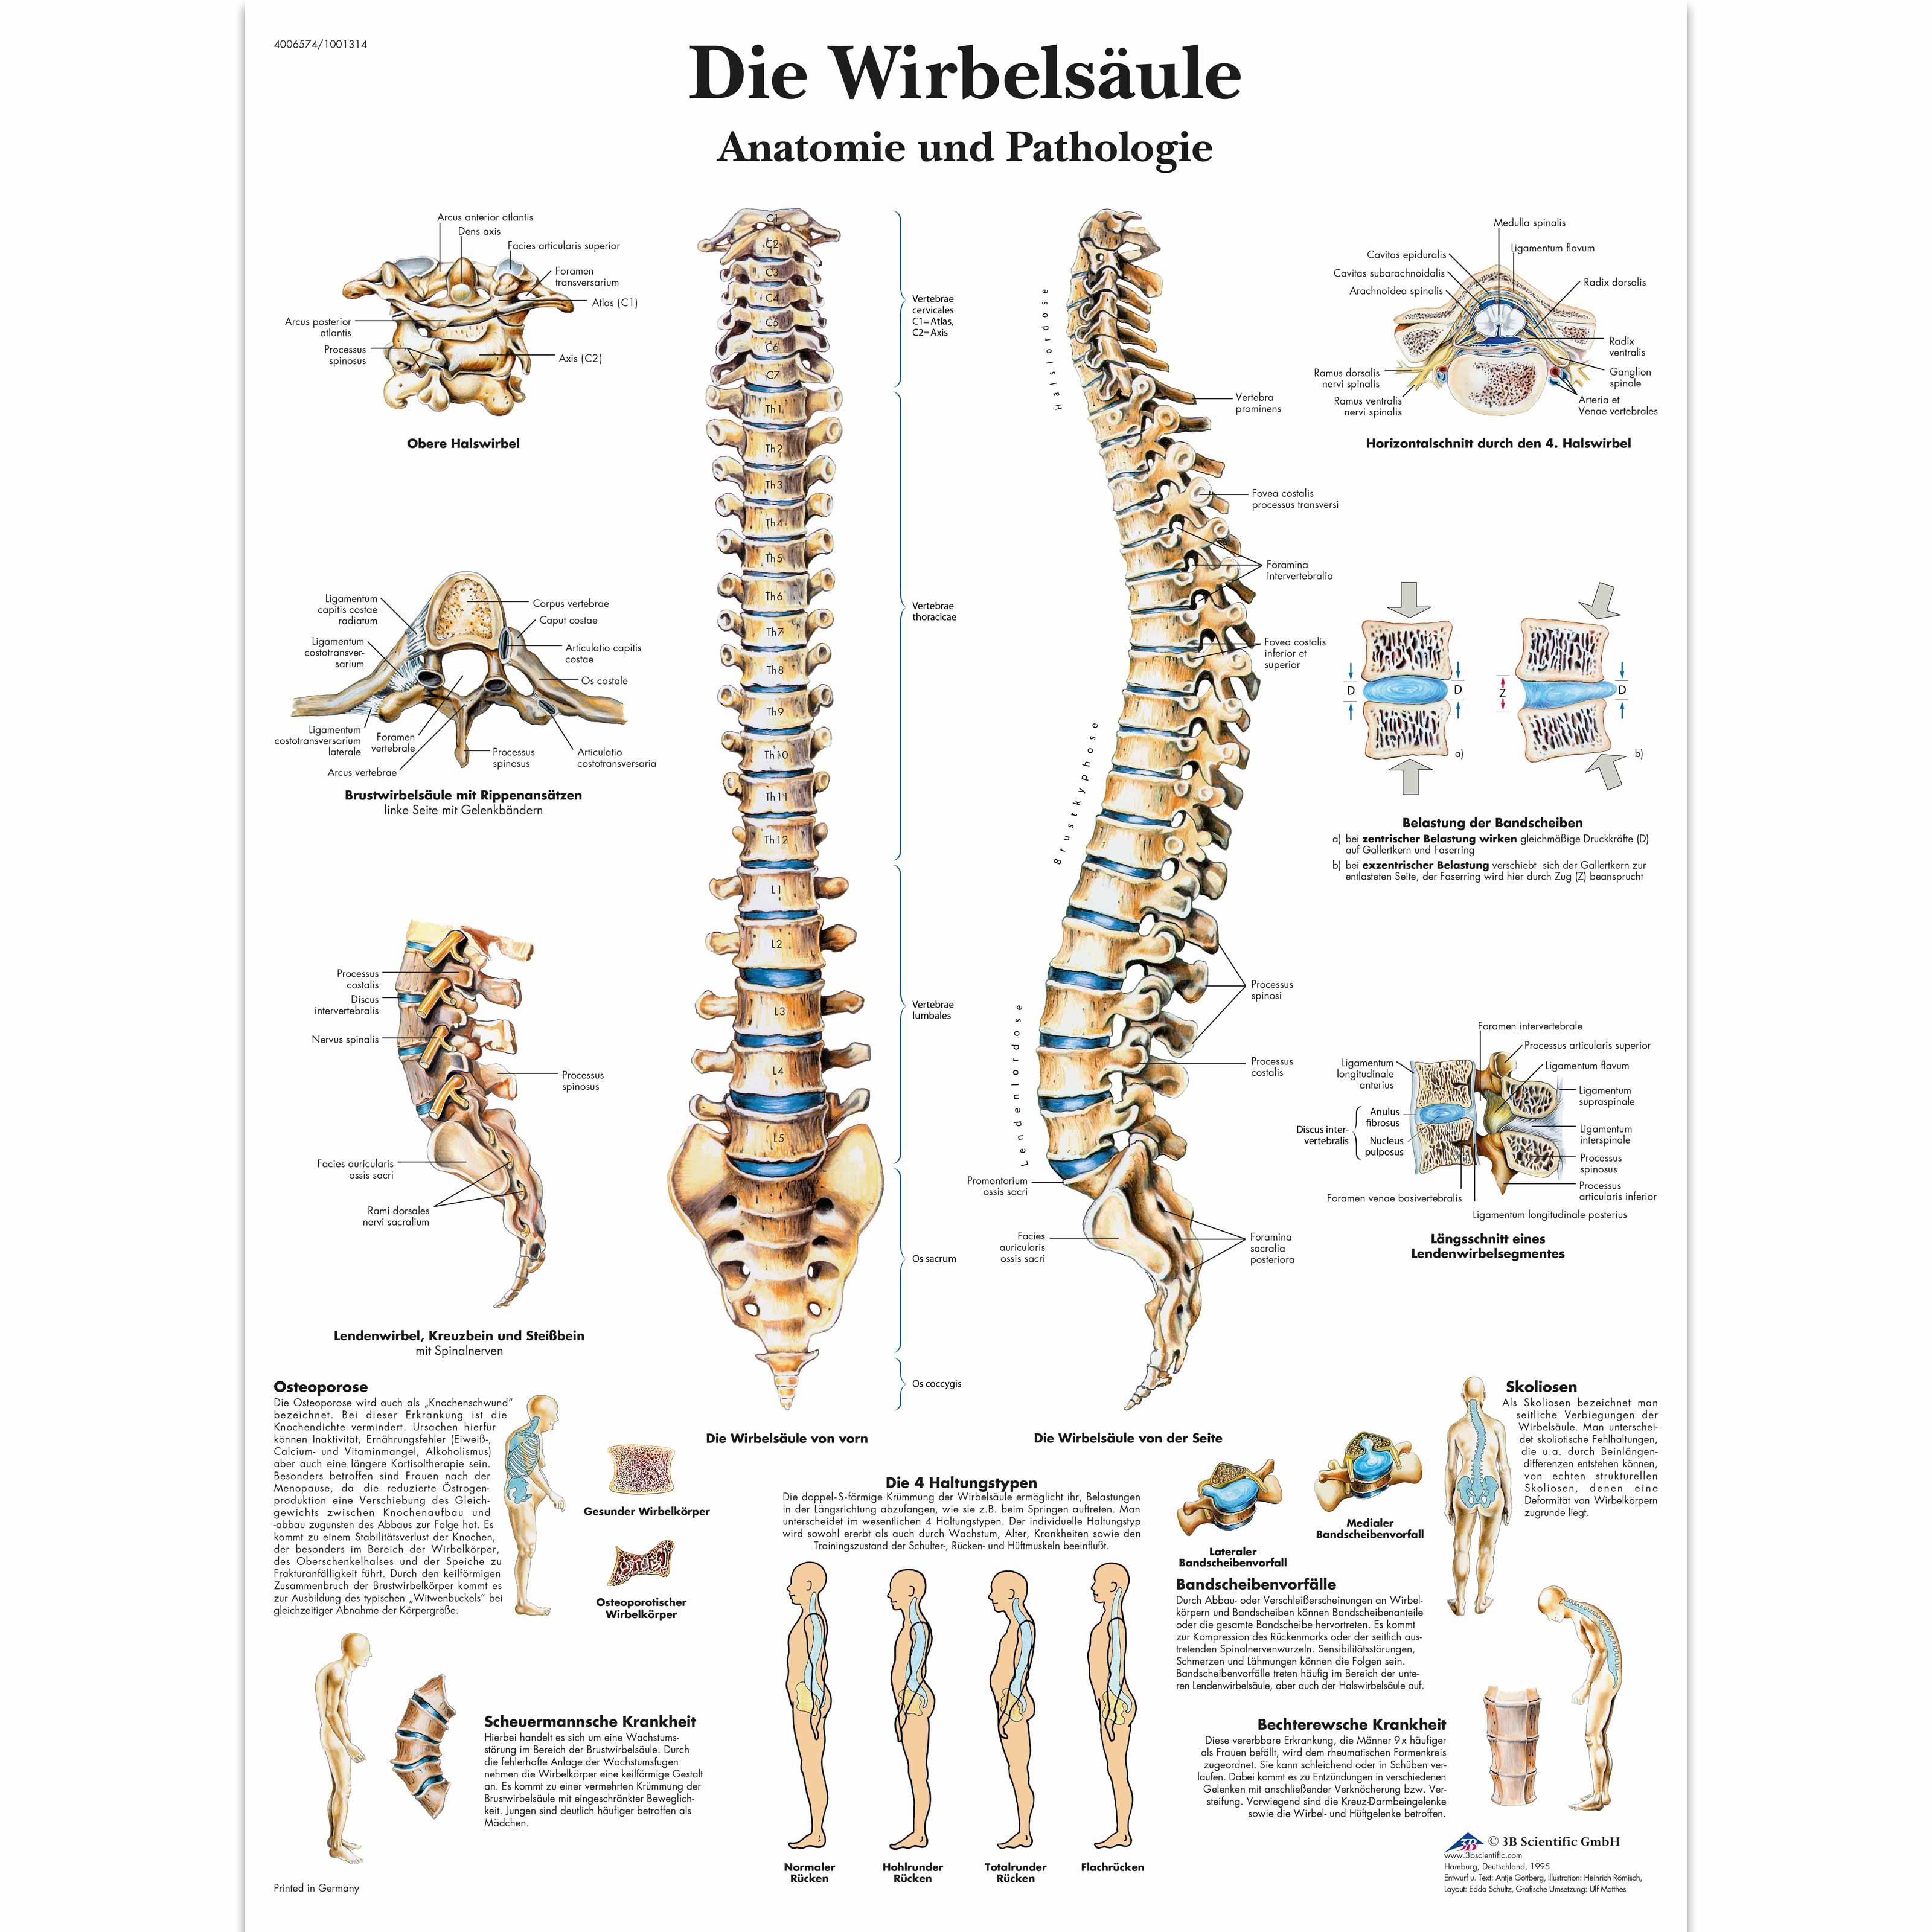 Die menschliche Wirbelsäule - Anatomie und Pathologie - 4006574 ...